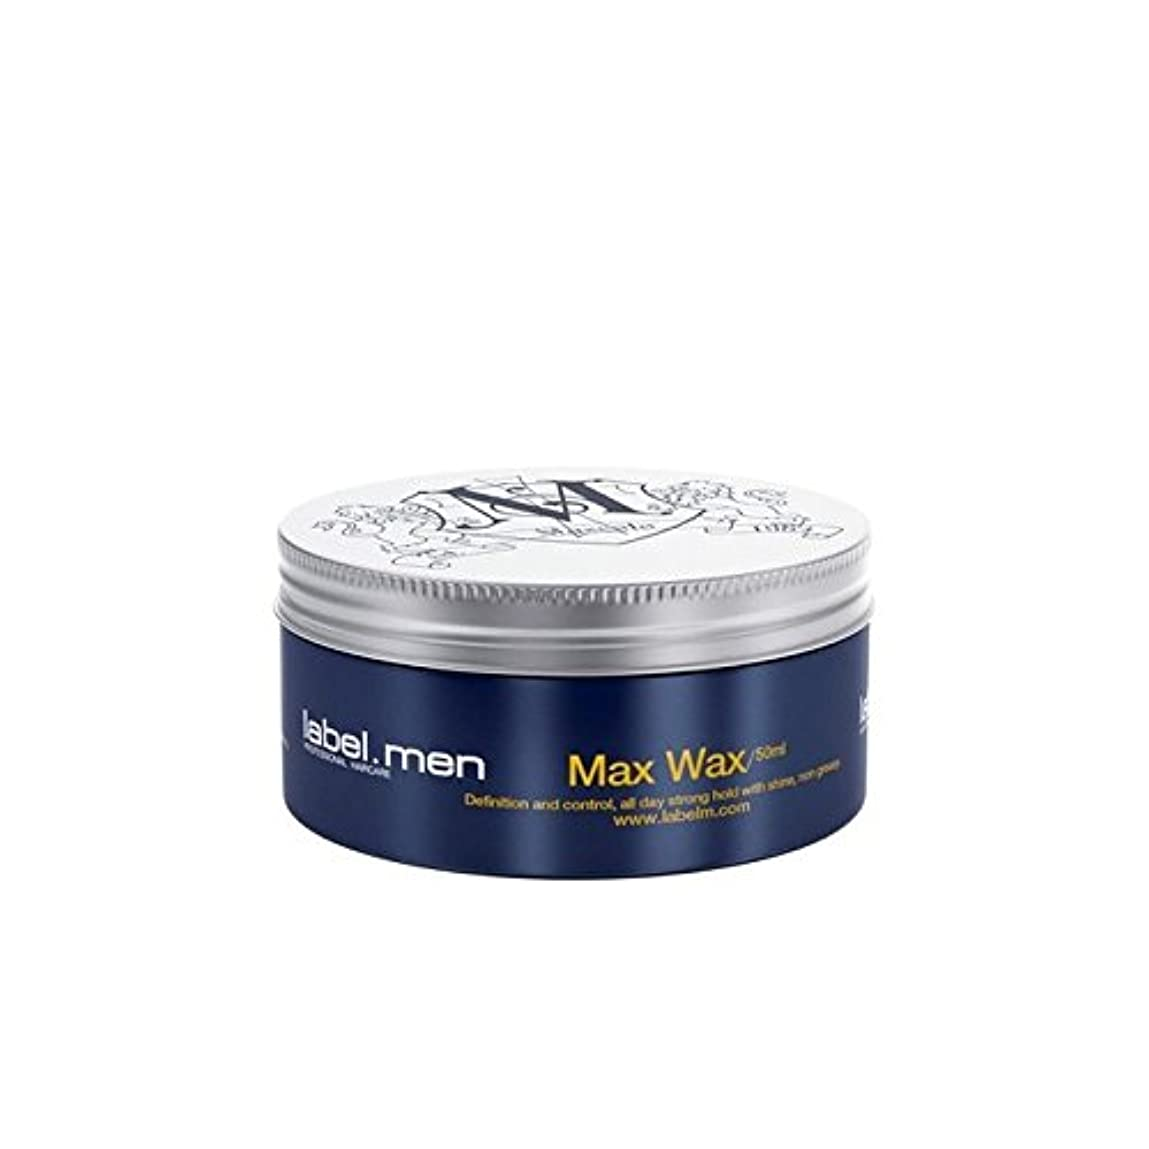 浸食詐欺共産主義者.マックスワックス(50ミリリットル) x2 - Label.Men Max Wax (50ml) (Pack of 2) [並行輸入品]